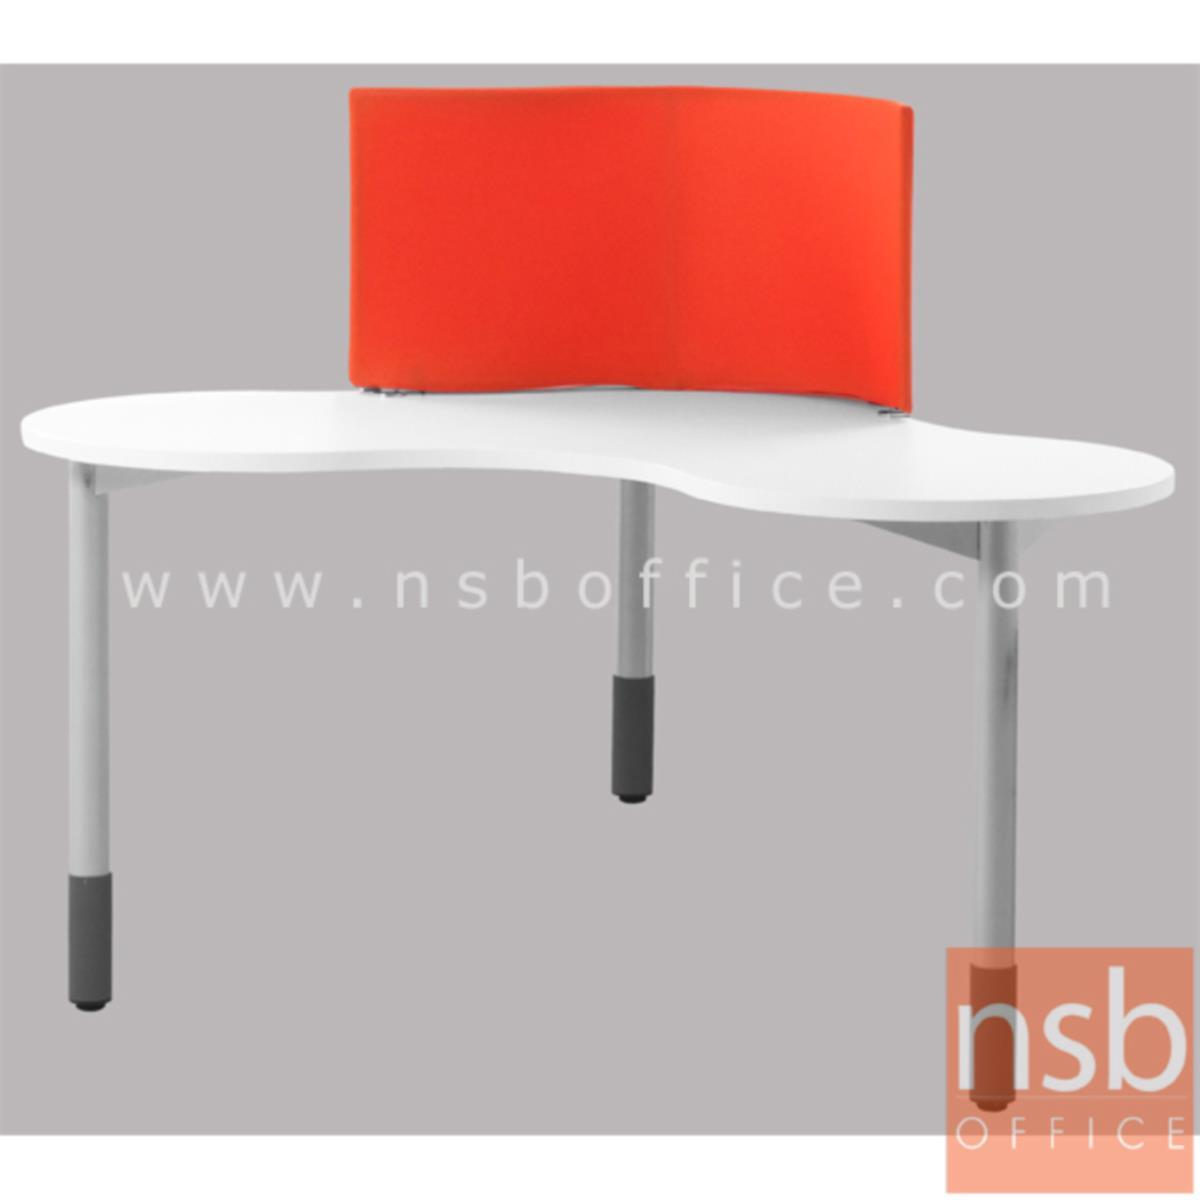 โต๊ะทำงานทรงสามเหลี่ยม ขนาด 150W*115H cm. รุ่น DO-I250   ขาเหล็กกลมพ่นสี